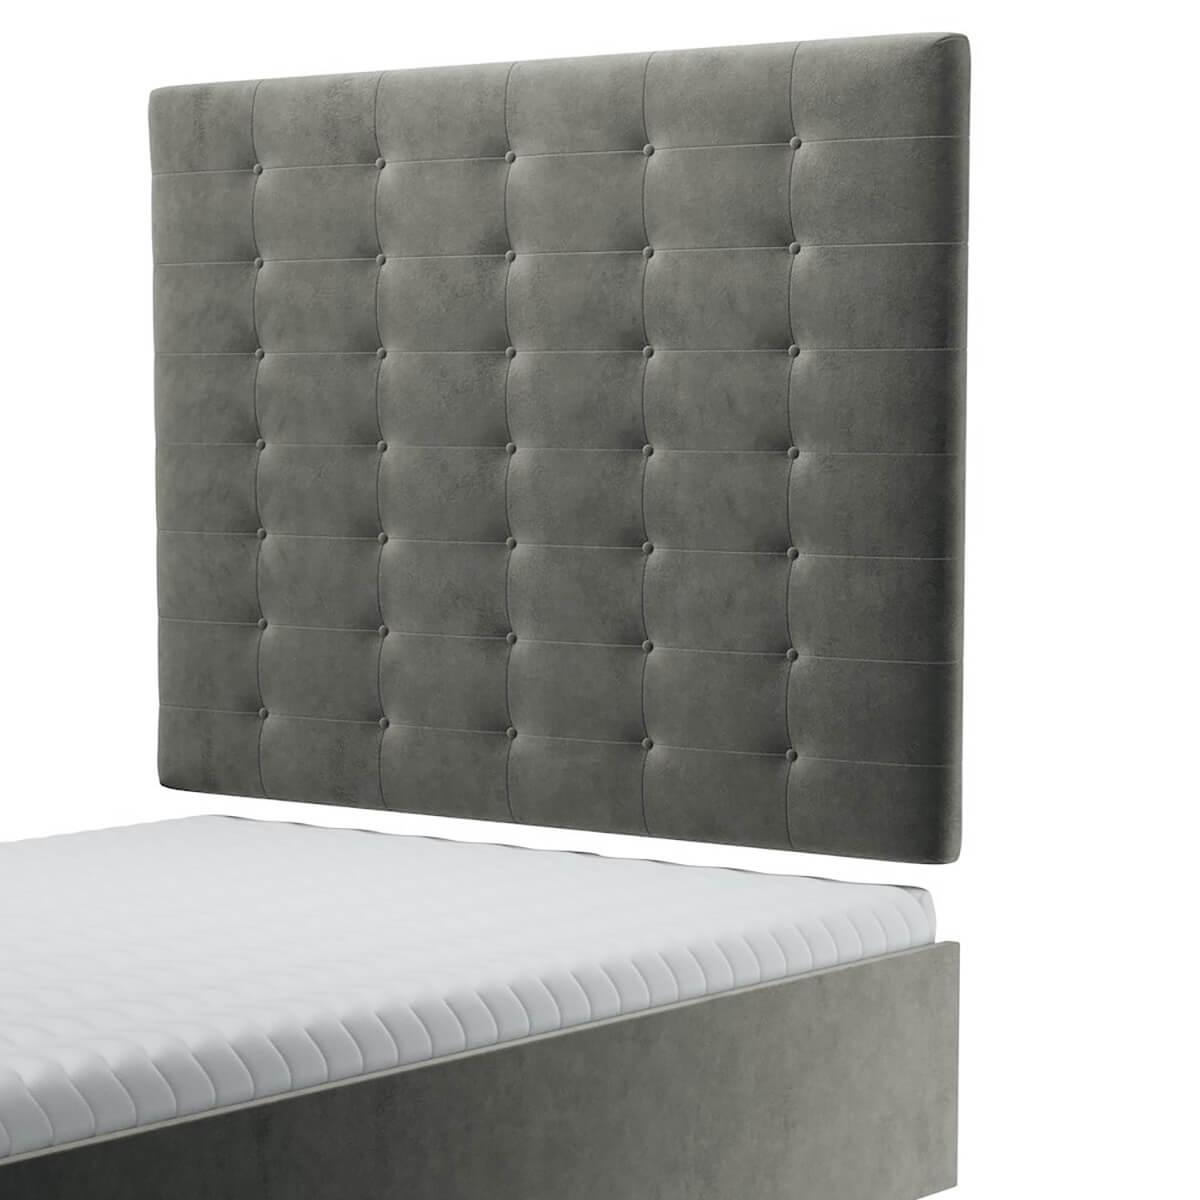 Висок стенен панел за тапицирано легло, модел ZPW-025